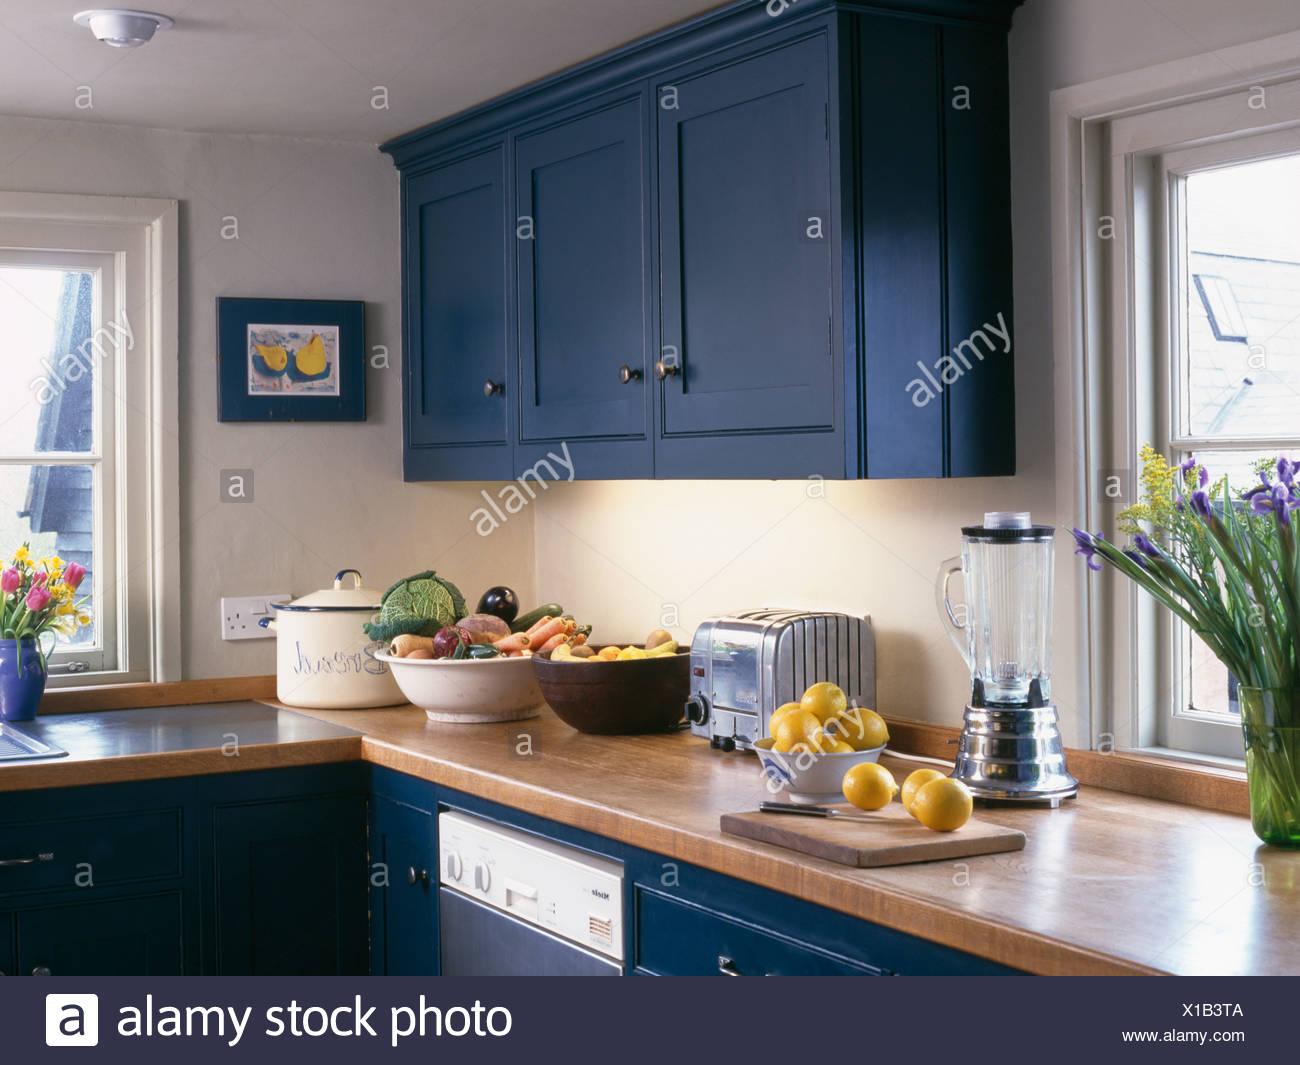 Plan De Travail Bleu placard équipé bleu au-dessus du plan de travail en bois